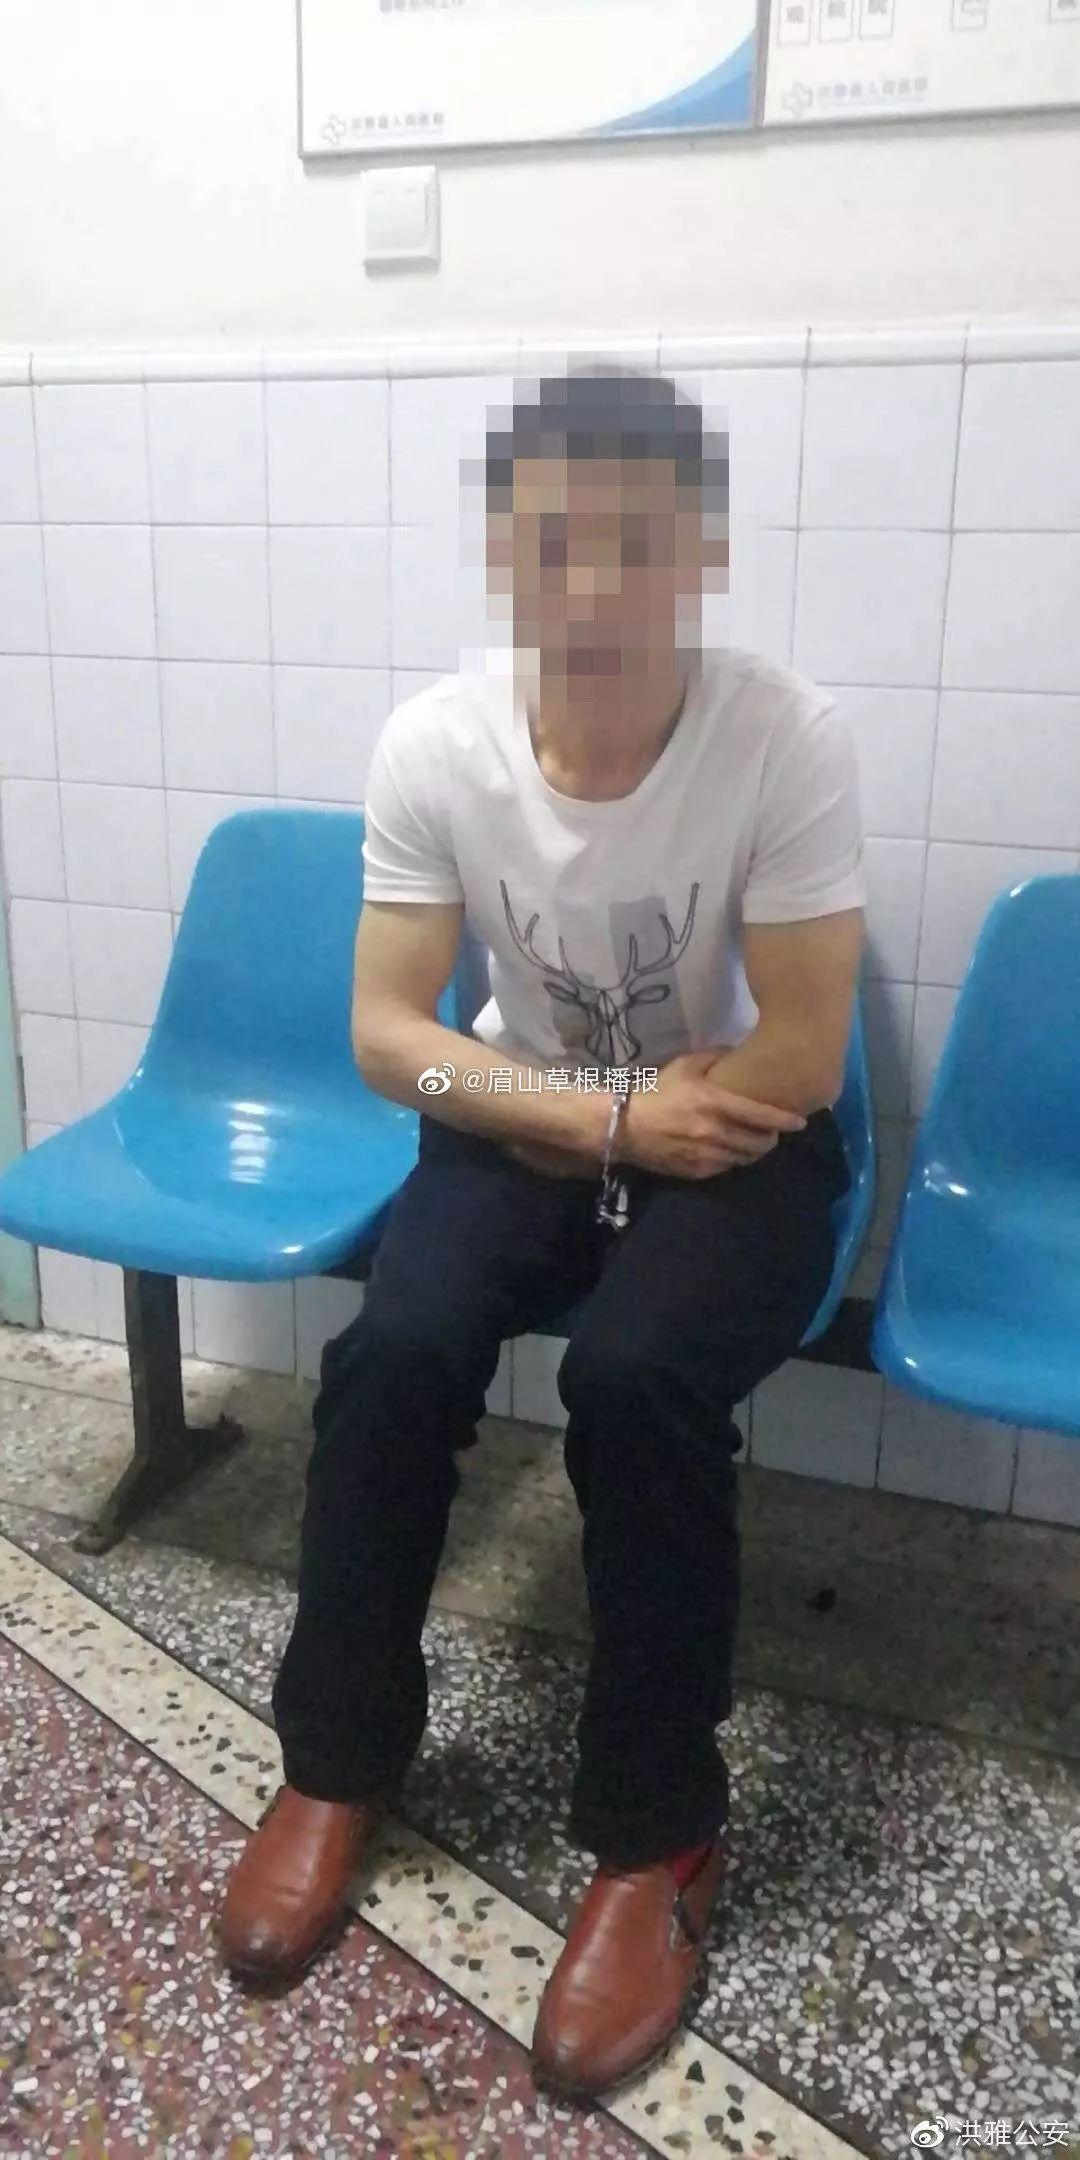 夹江一男子在洪雅按摩店行窃手机后转账消费,警方通过记录将其抓获